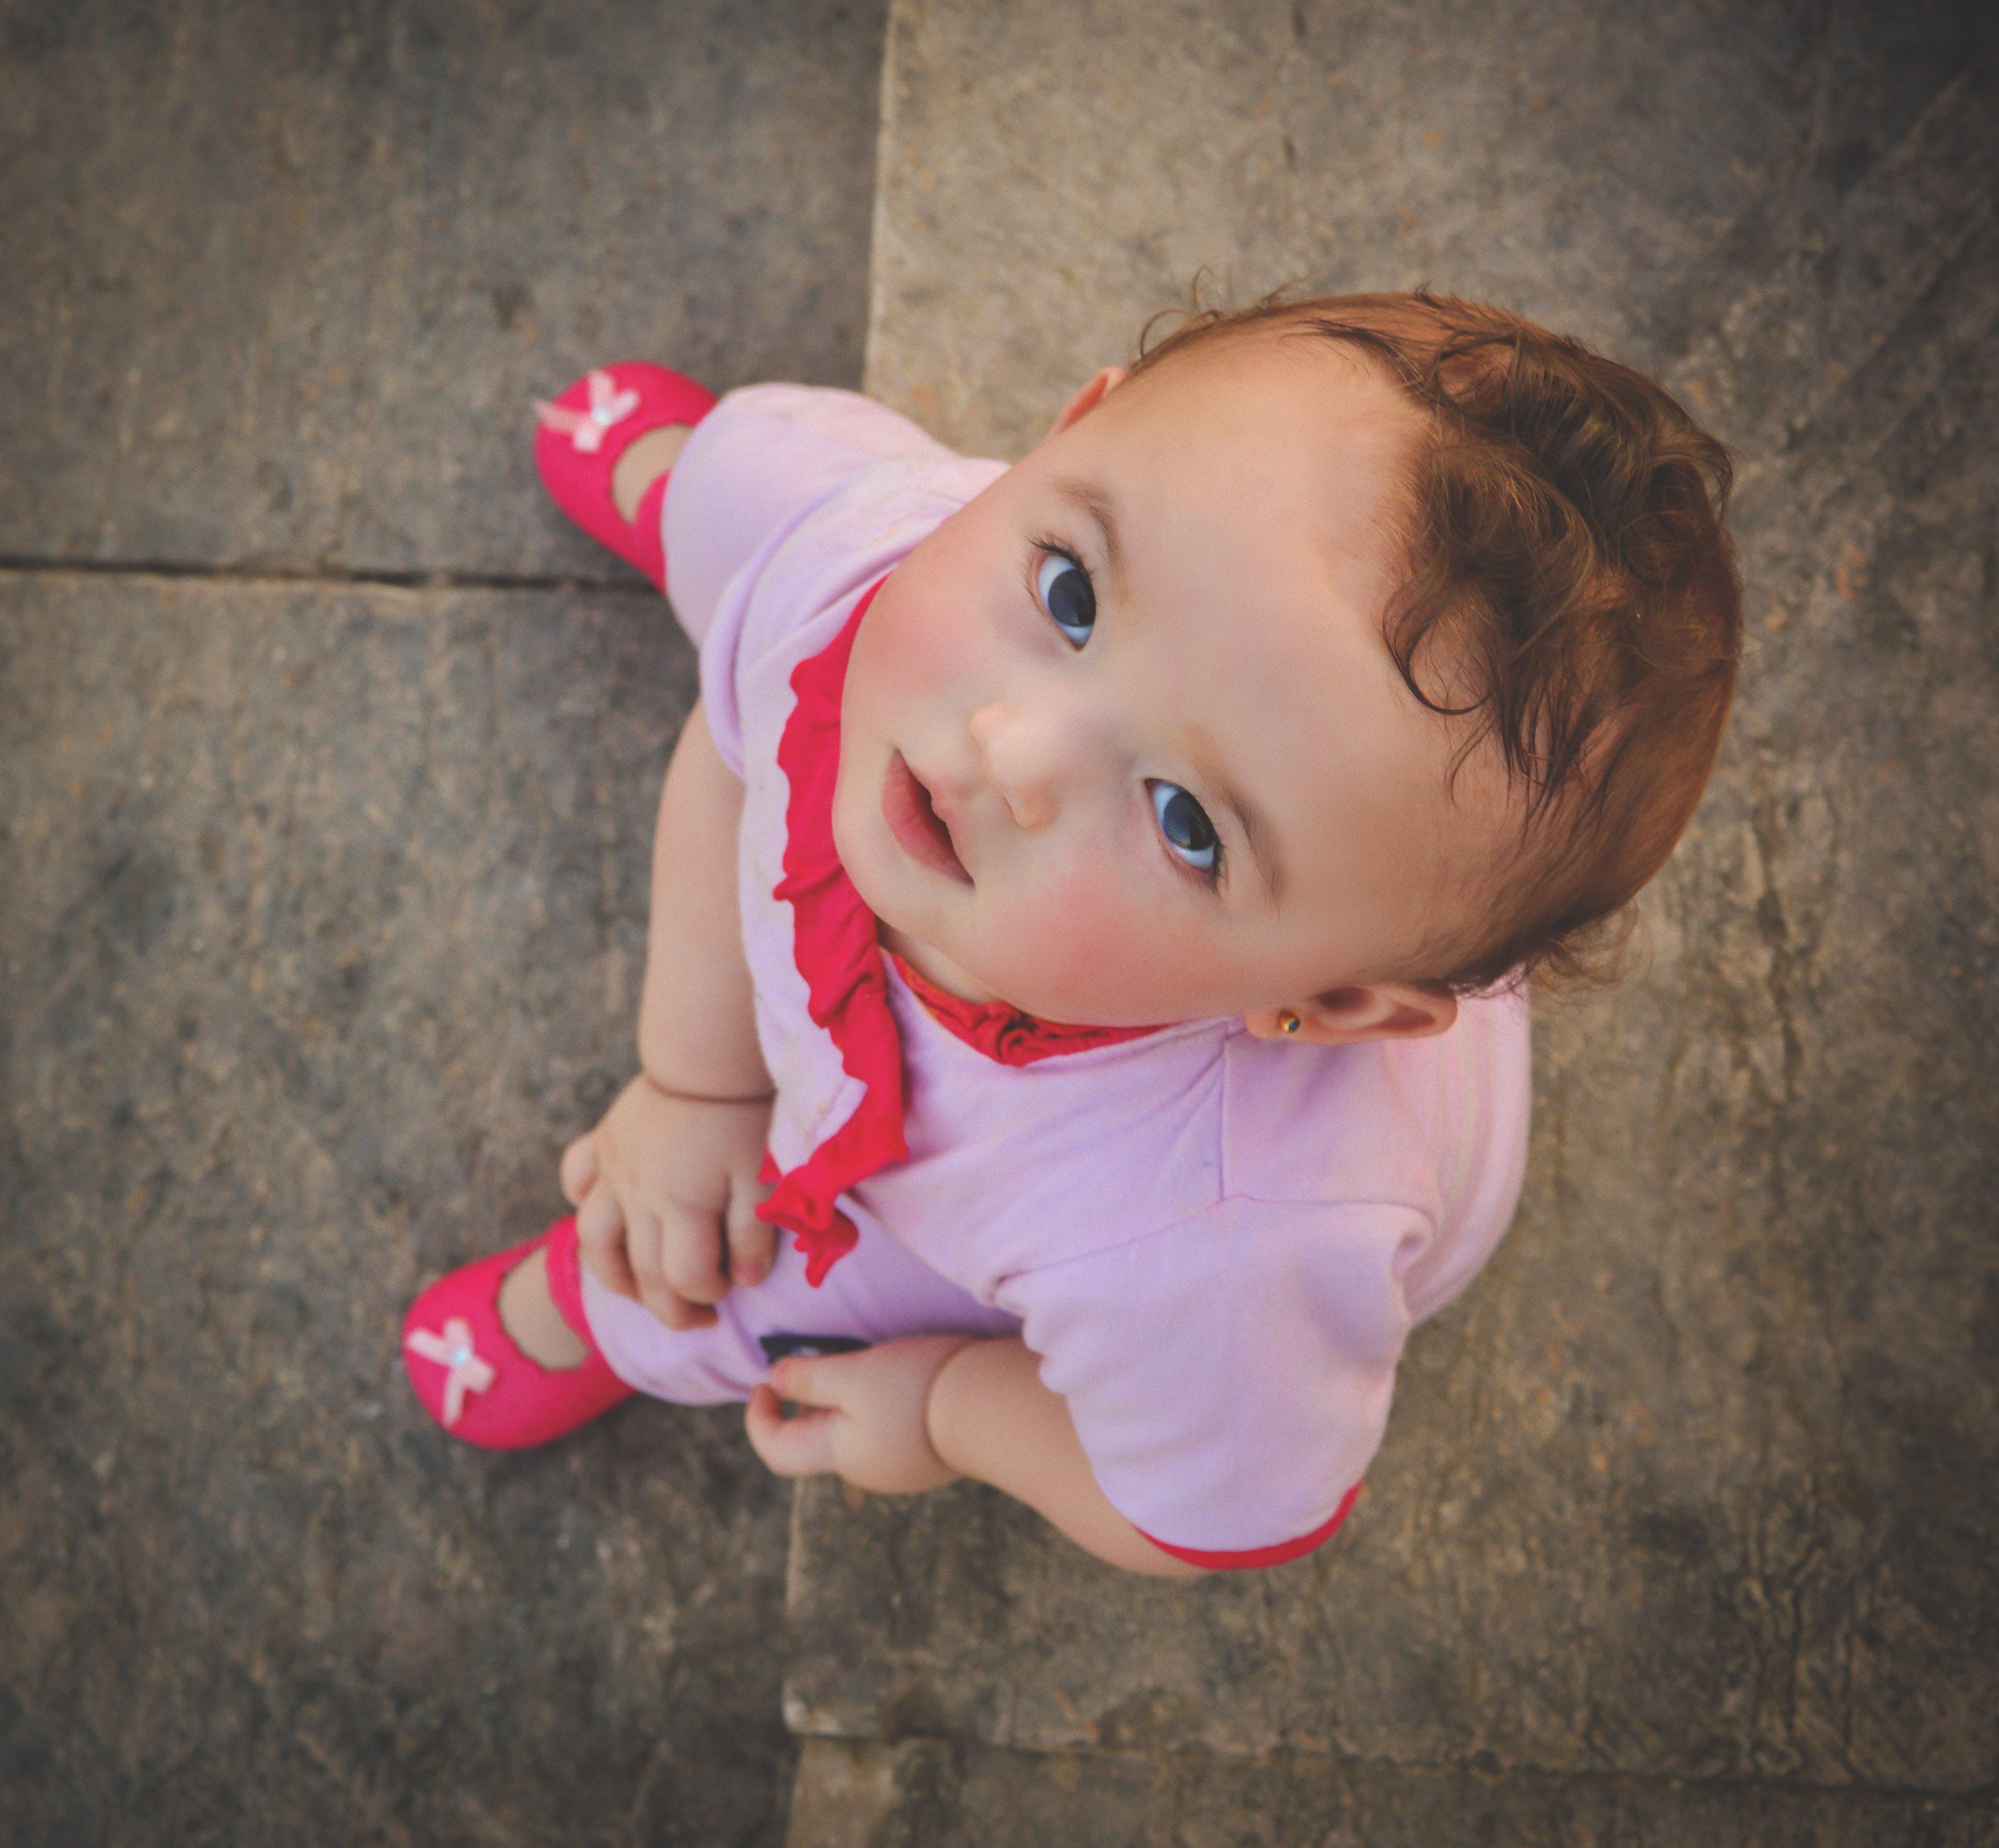 คลังภาพถ่ายฟรี ของ จากข้างบน, ทารก, น่ารัก, น้อย